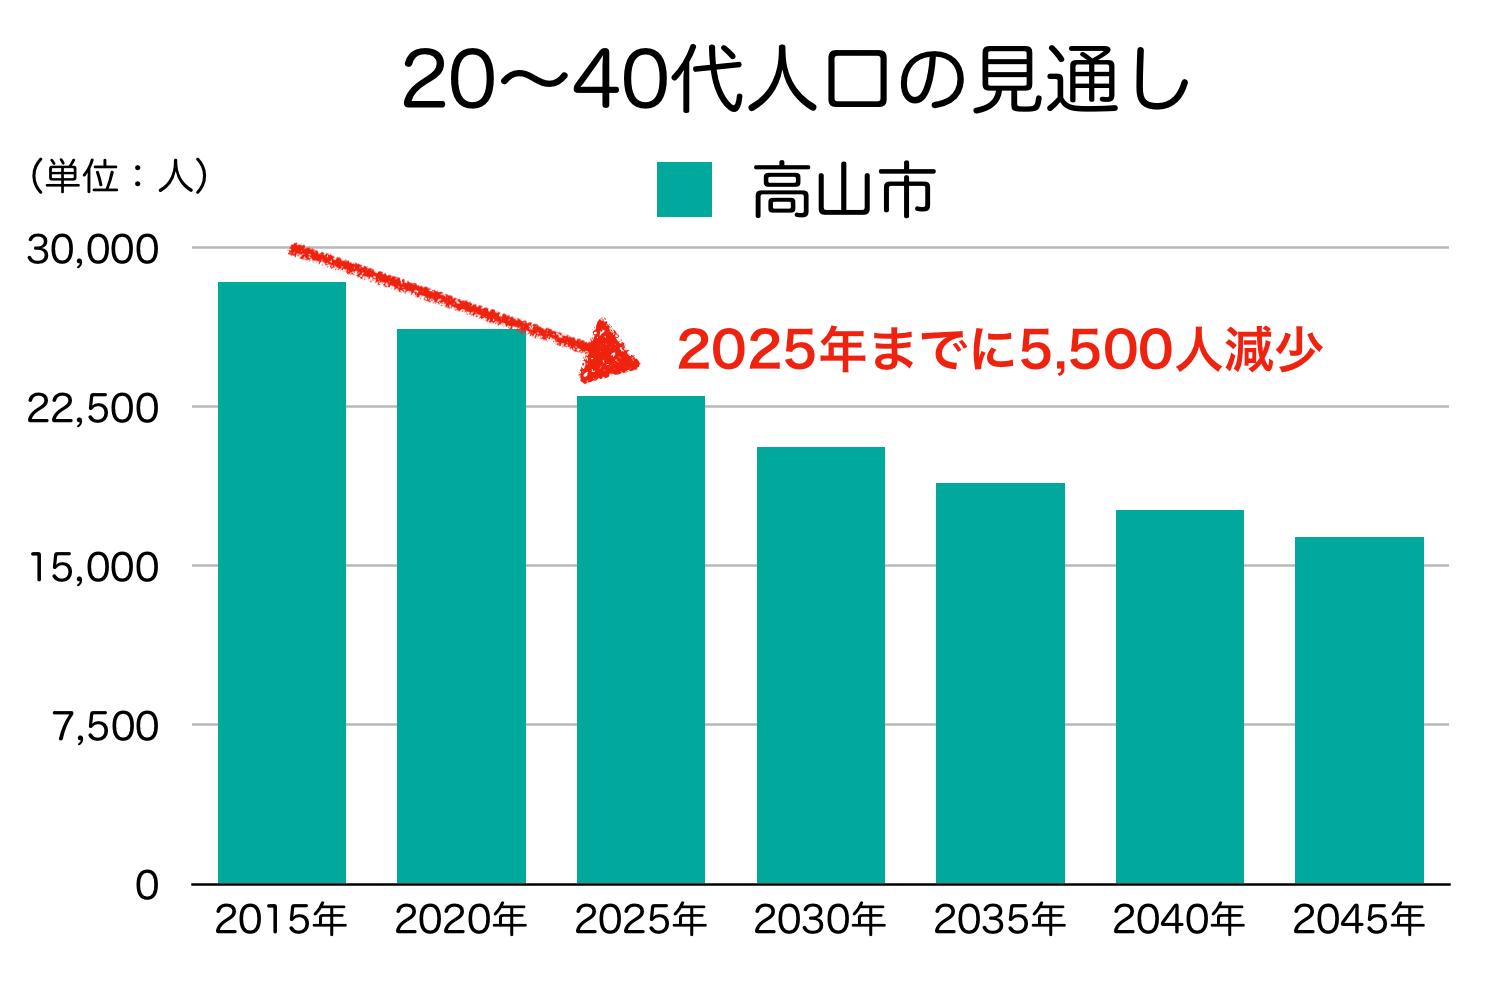 高山市の20〜40代人口の予測